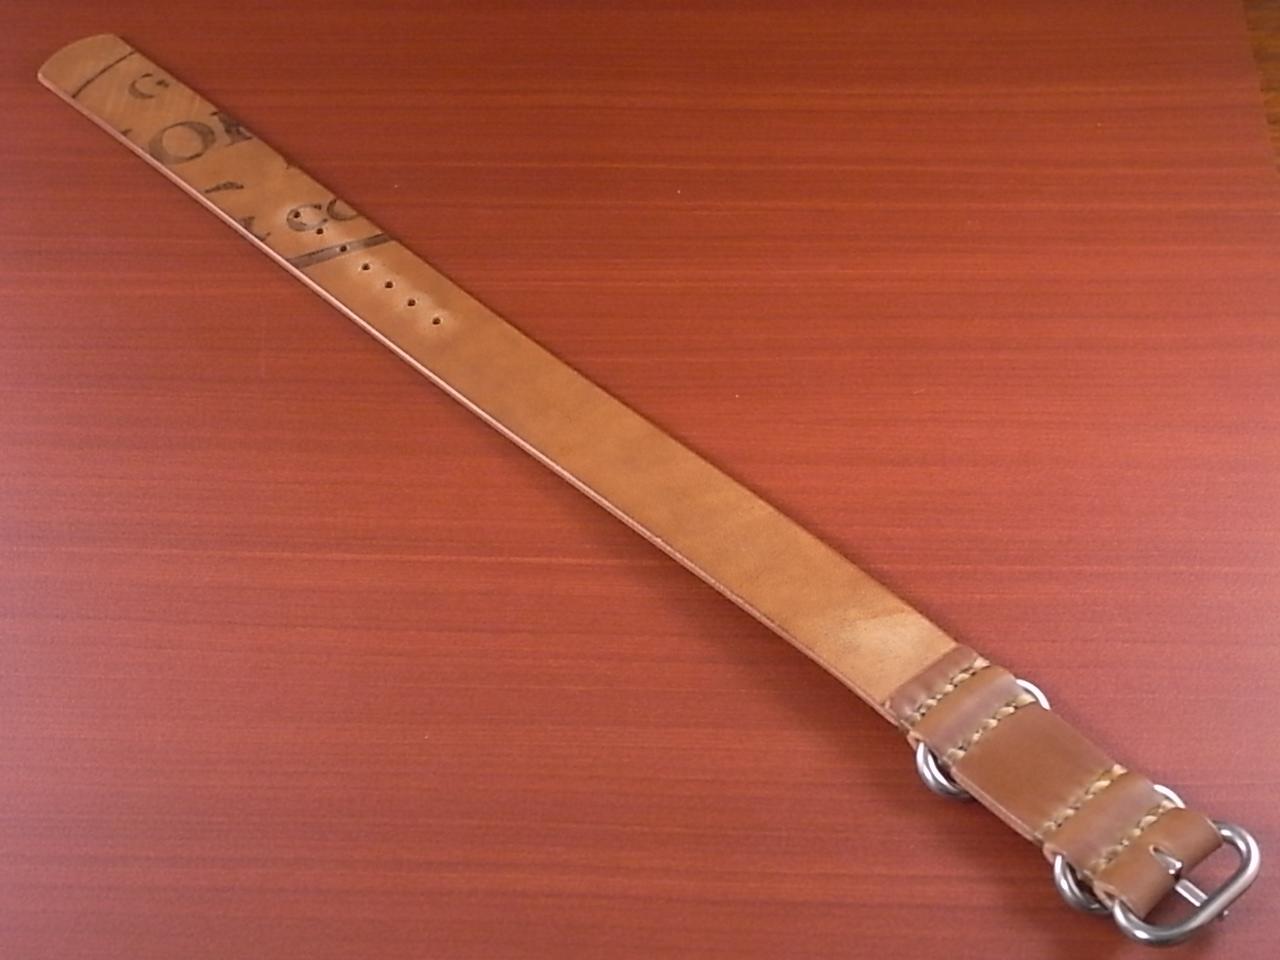 ホーウィン コードバン 引き通し革ベルト ウィスキー 17~24mm 受注生産の写真2枚目